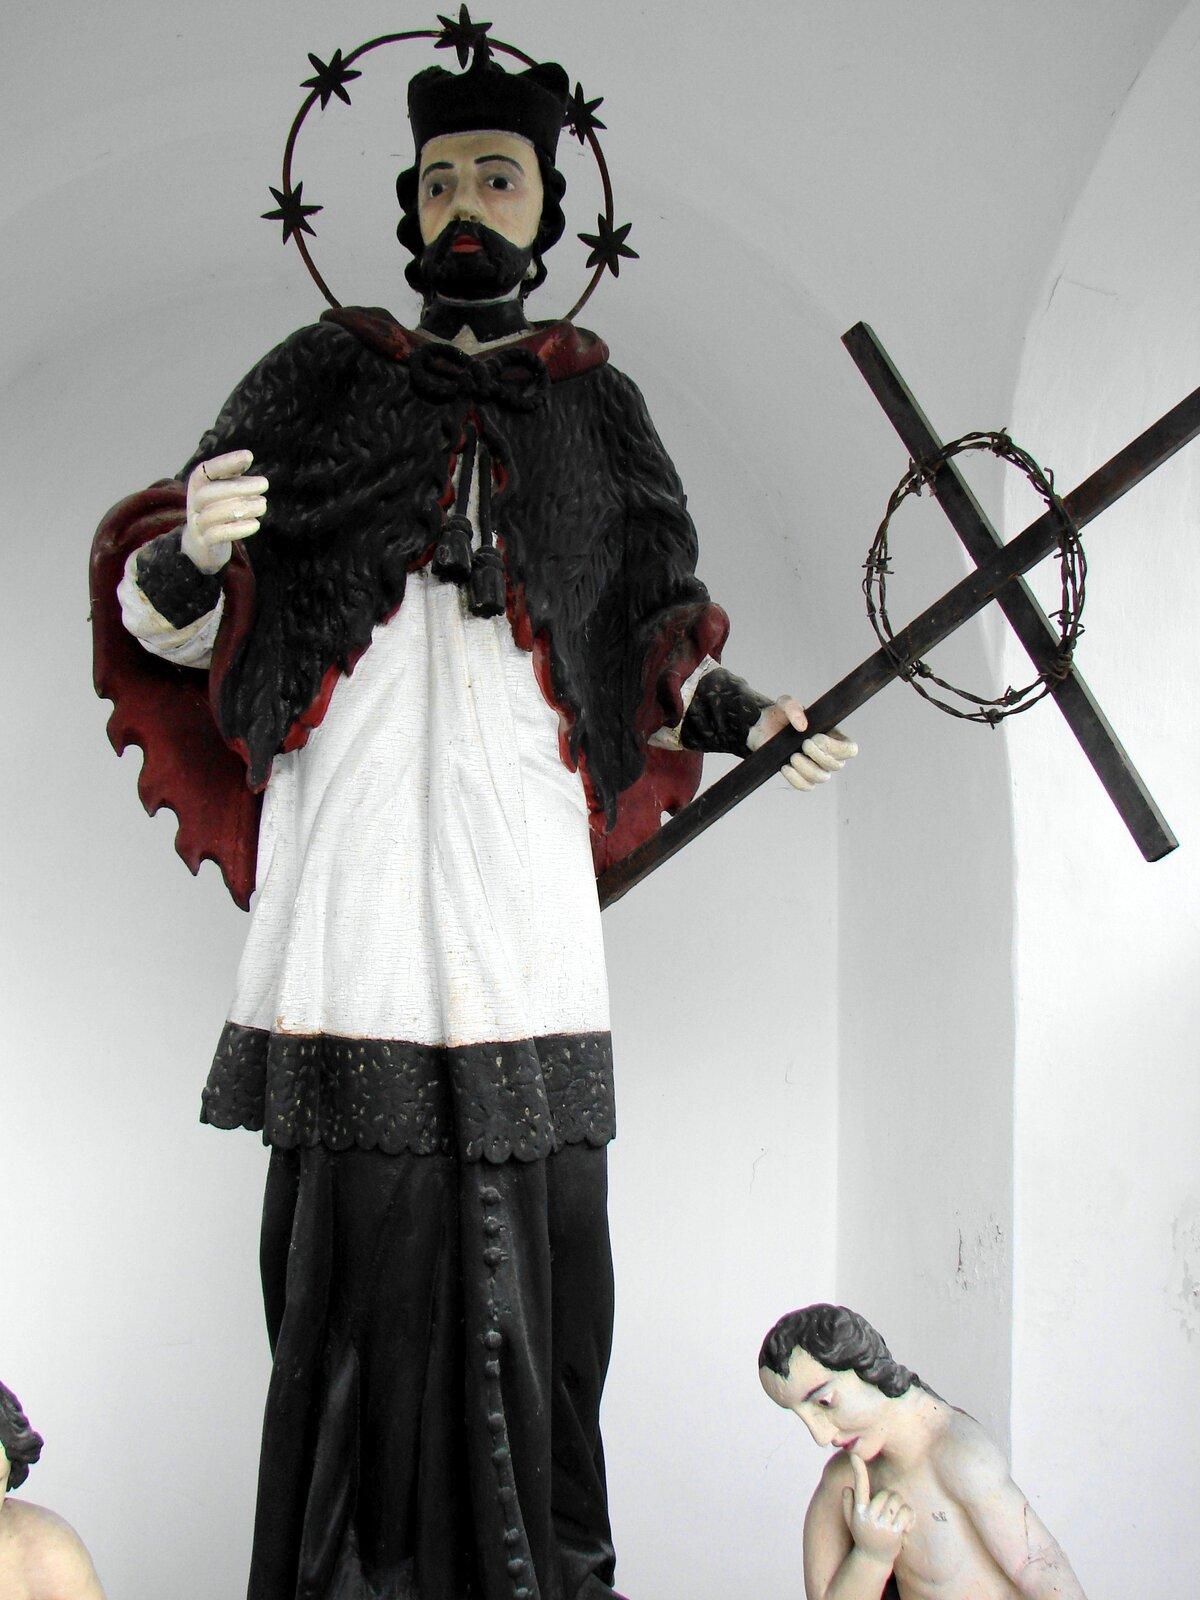 Ilustracja przedstawia figurę świętego Jana Nepomucena. Postać wdłoni trzyma krzyż. Święty ma Czarną czapkę imetalową aureolę zgwiazdkami. Brodaty mężczyzna jest ubrany wbiałą komżę, spod której wystaje czarna sutanna.